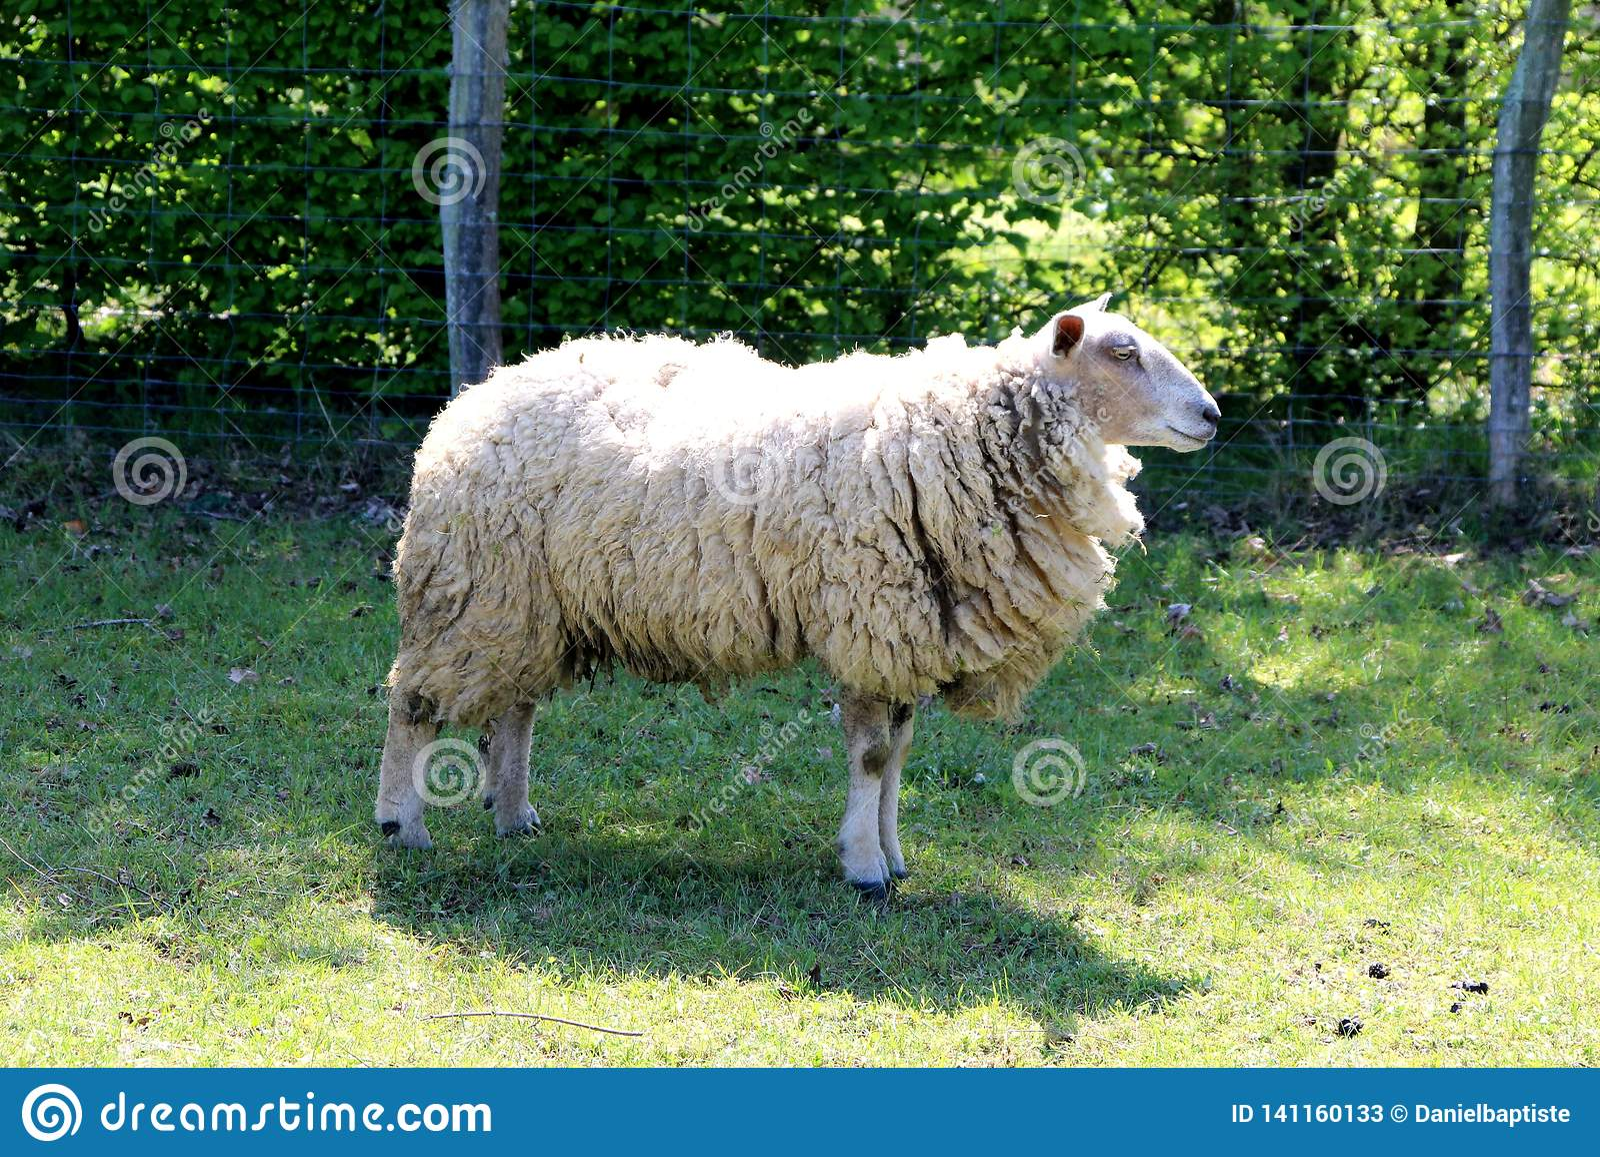 Ovejas, una oveja en un campo en verano